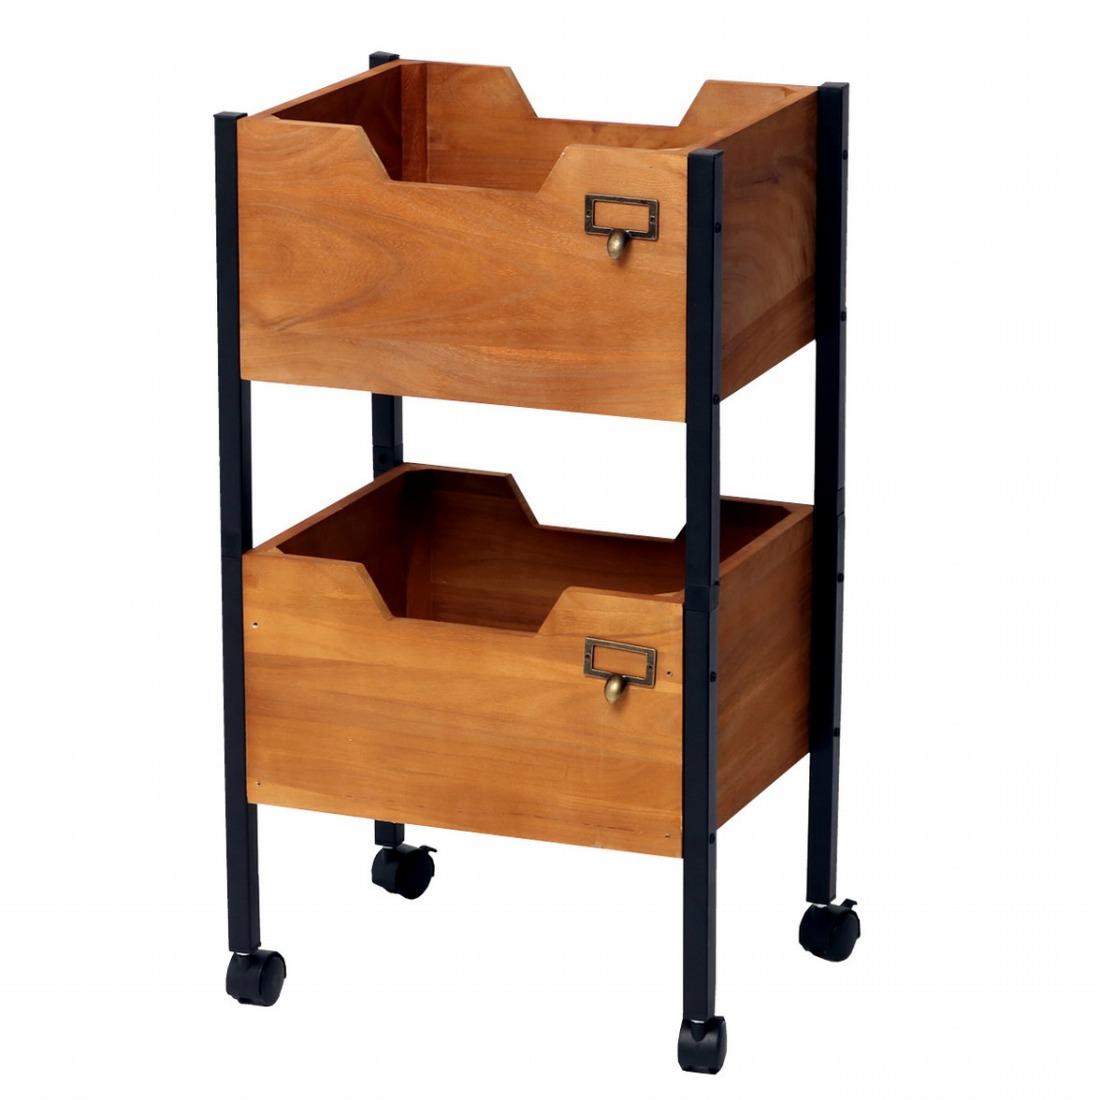 天然木製スタッキングボックス「Raku-en」2段セット 簡単組立 収納 キャスターアンティーク モダン ナチュラル(代引不可)【送料無料】